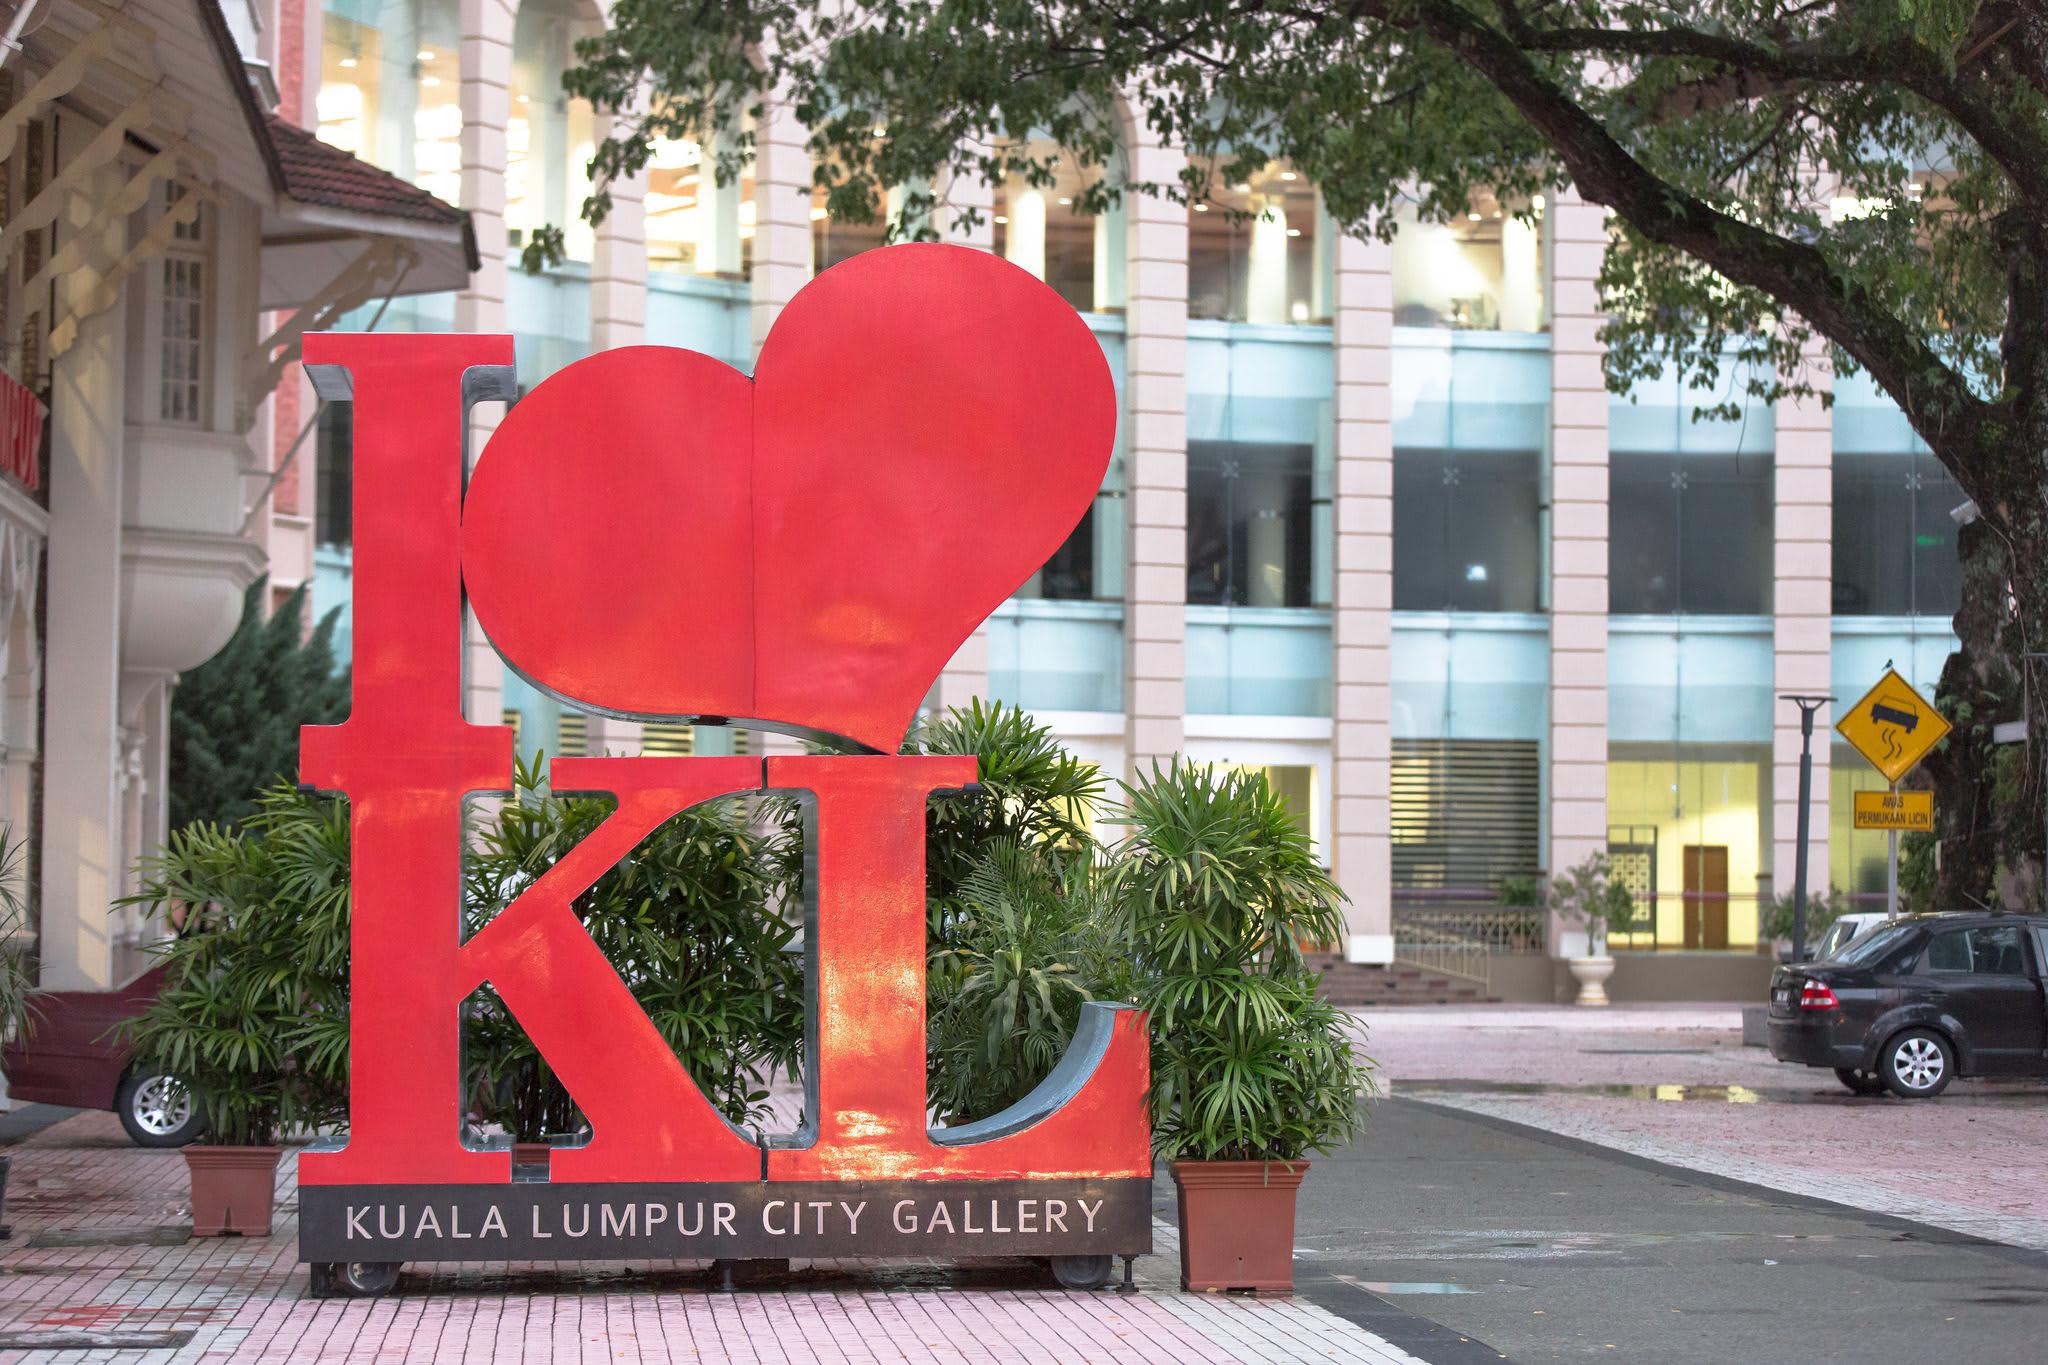 旁邊的吉隆坡城市展覽館還有裝置藝術可以拍照。來源:http://bit.ly/2KUopr2。